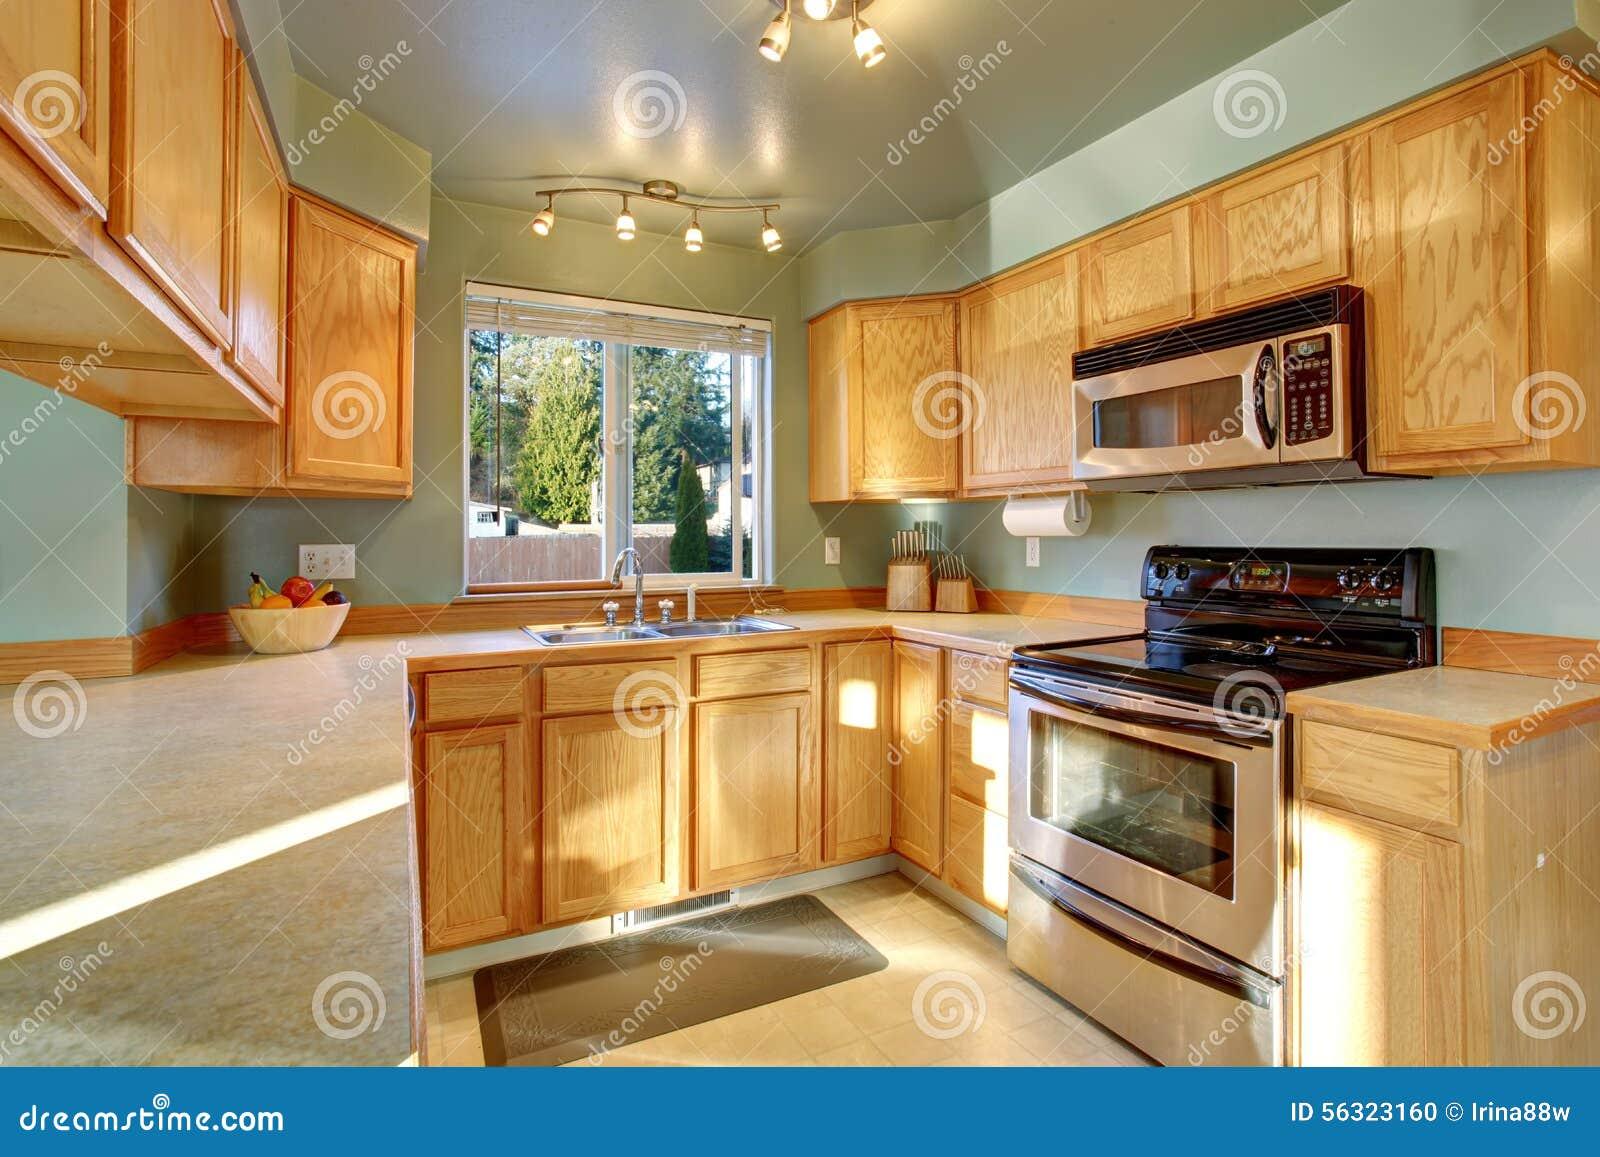 Bella cucina tradizionale con il pavimento di legno duro for Cucina tradizionale